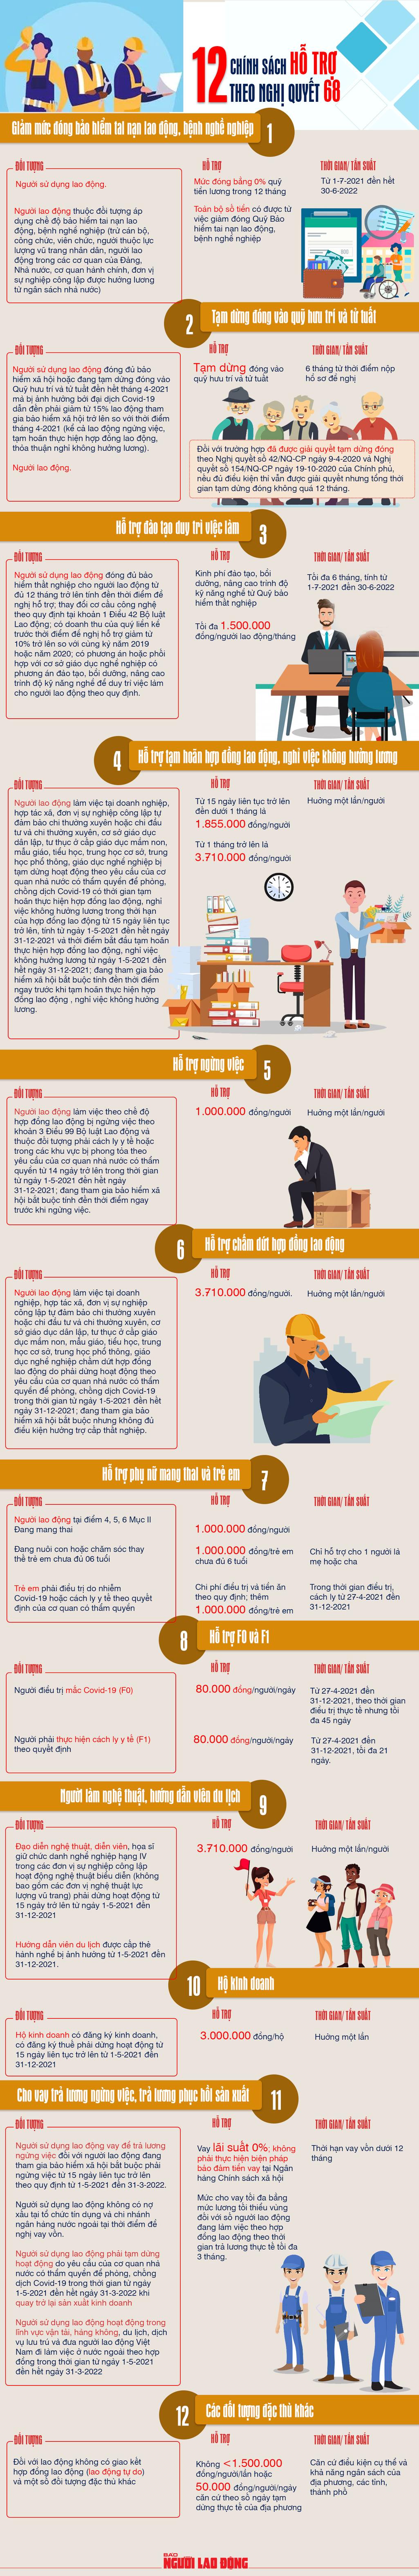 [Infographic] Gói hỗ trợ 26.000 tỉ đồng sử dụng ra sao? - Ảnh 1.